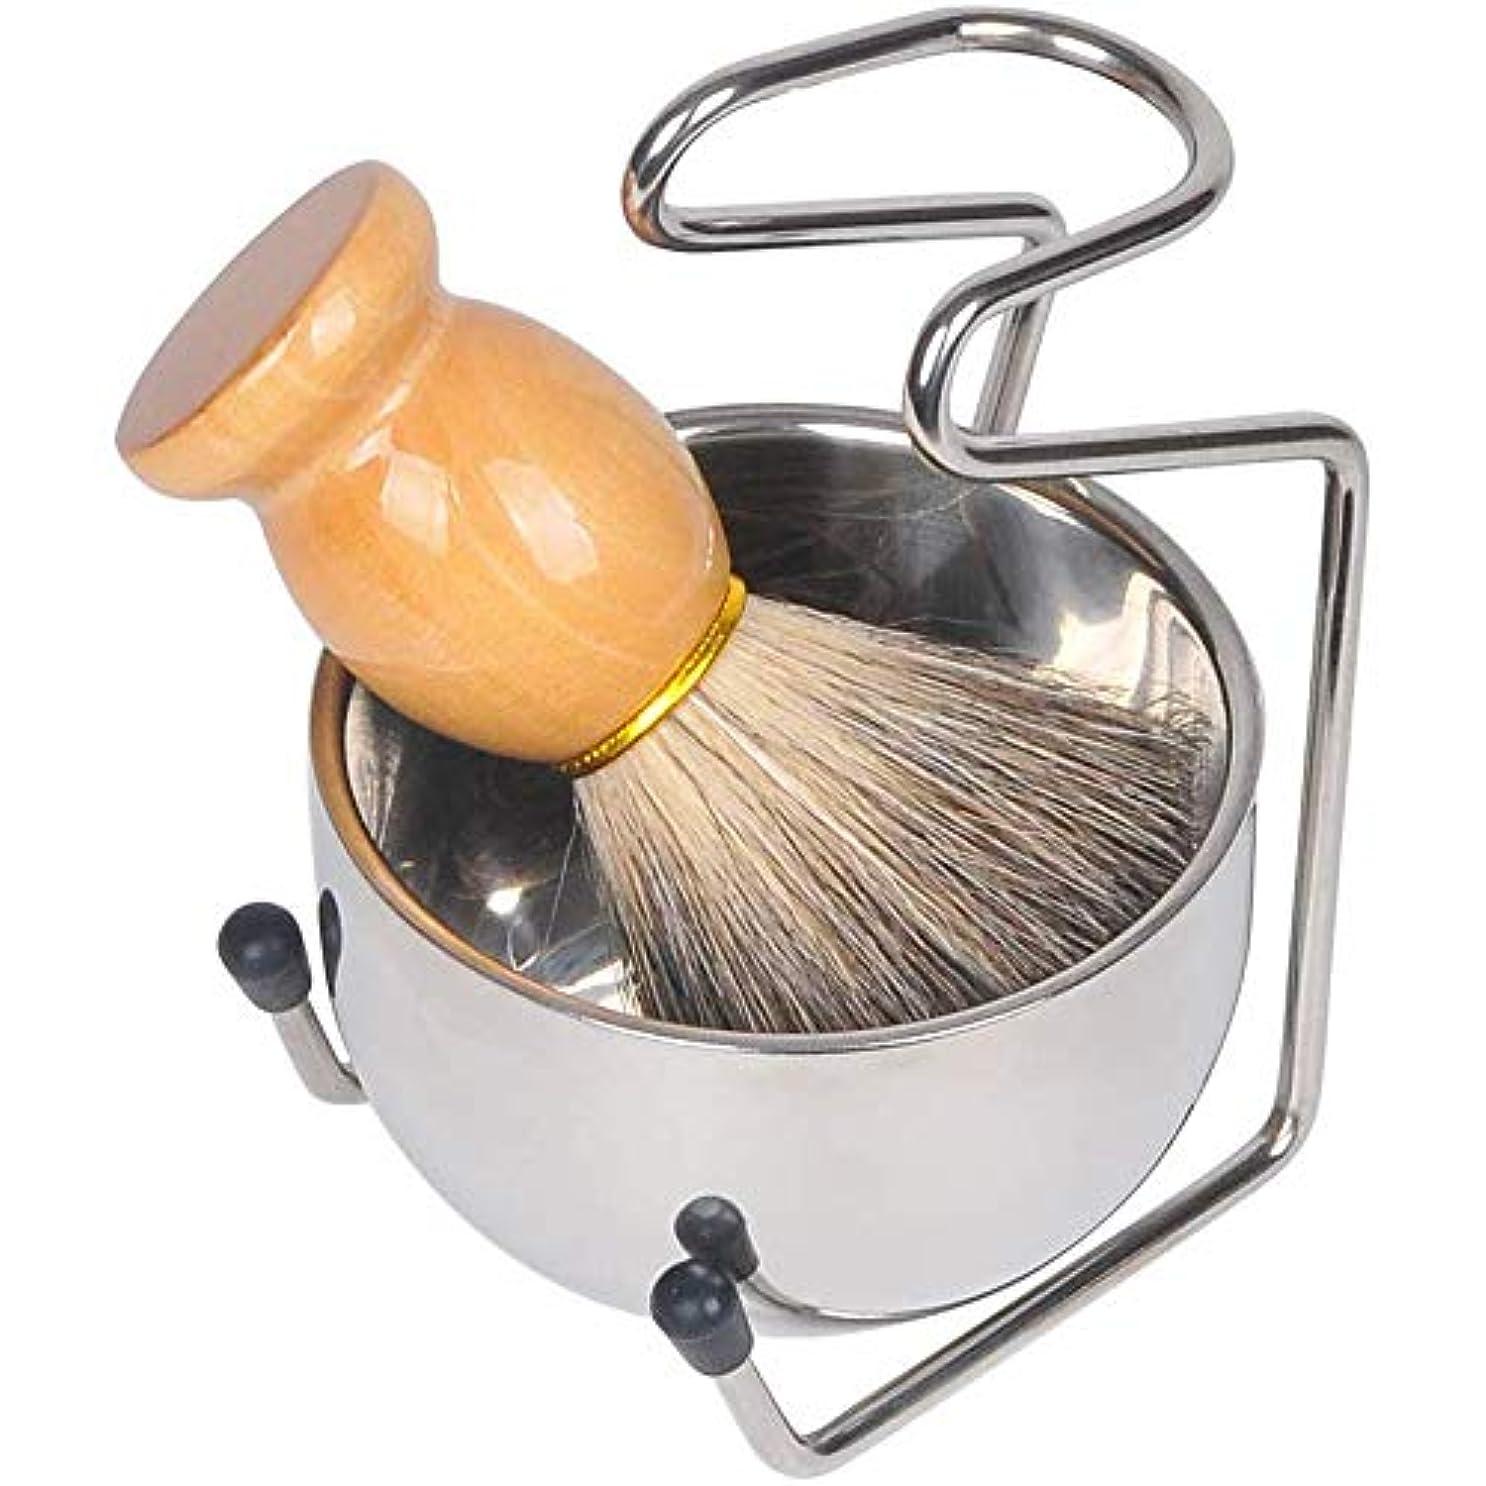 専門用語似ている絶えず3点セット ひげブラシ シェービング石鹸ボウルシェービングブラシセット洗顔ブラシ メンズ 理容 髭剃り 泡立ち毛